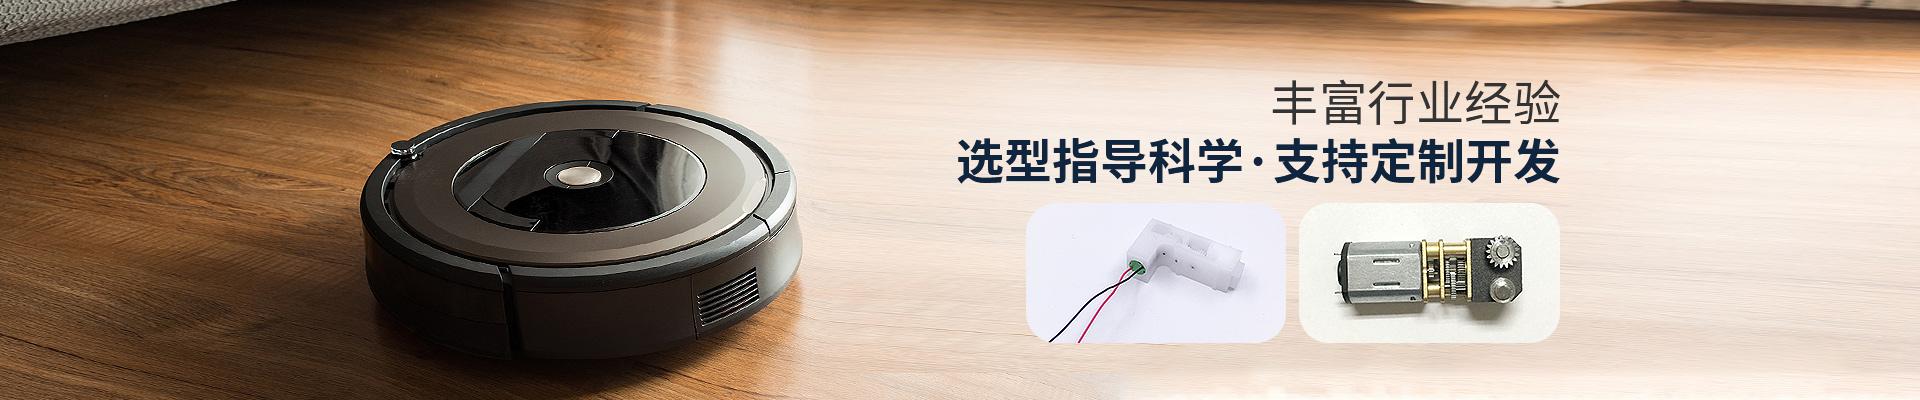 深圳顺昌电机-丰富行业经验,选型指导科学,支持定制开发